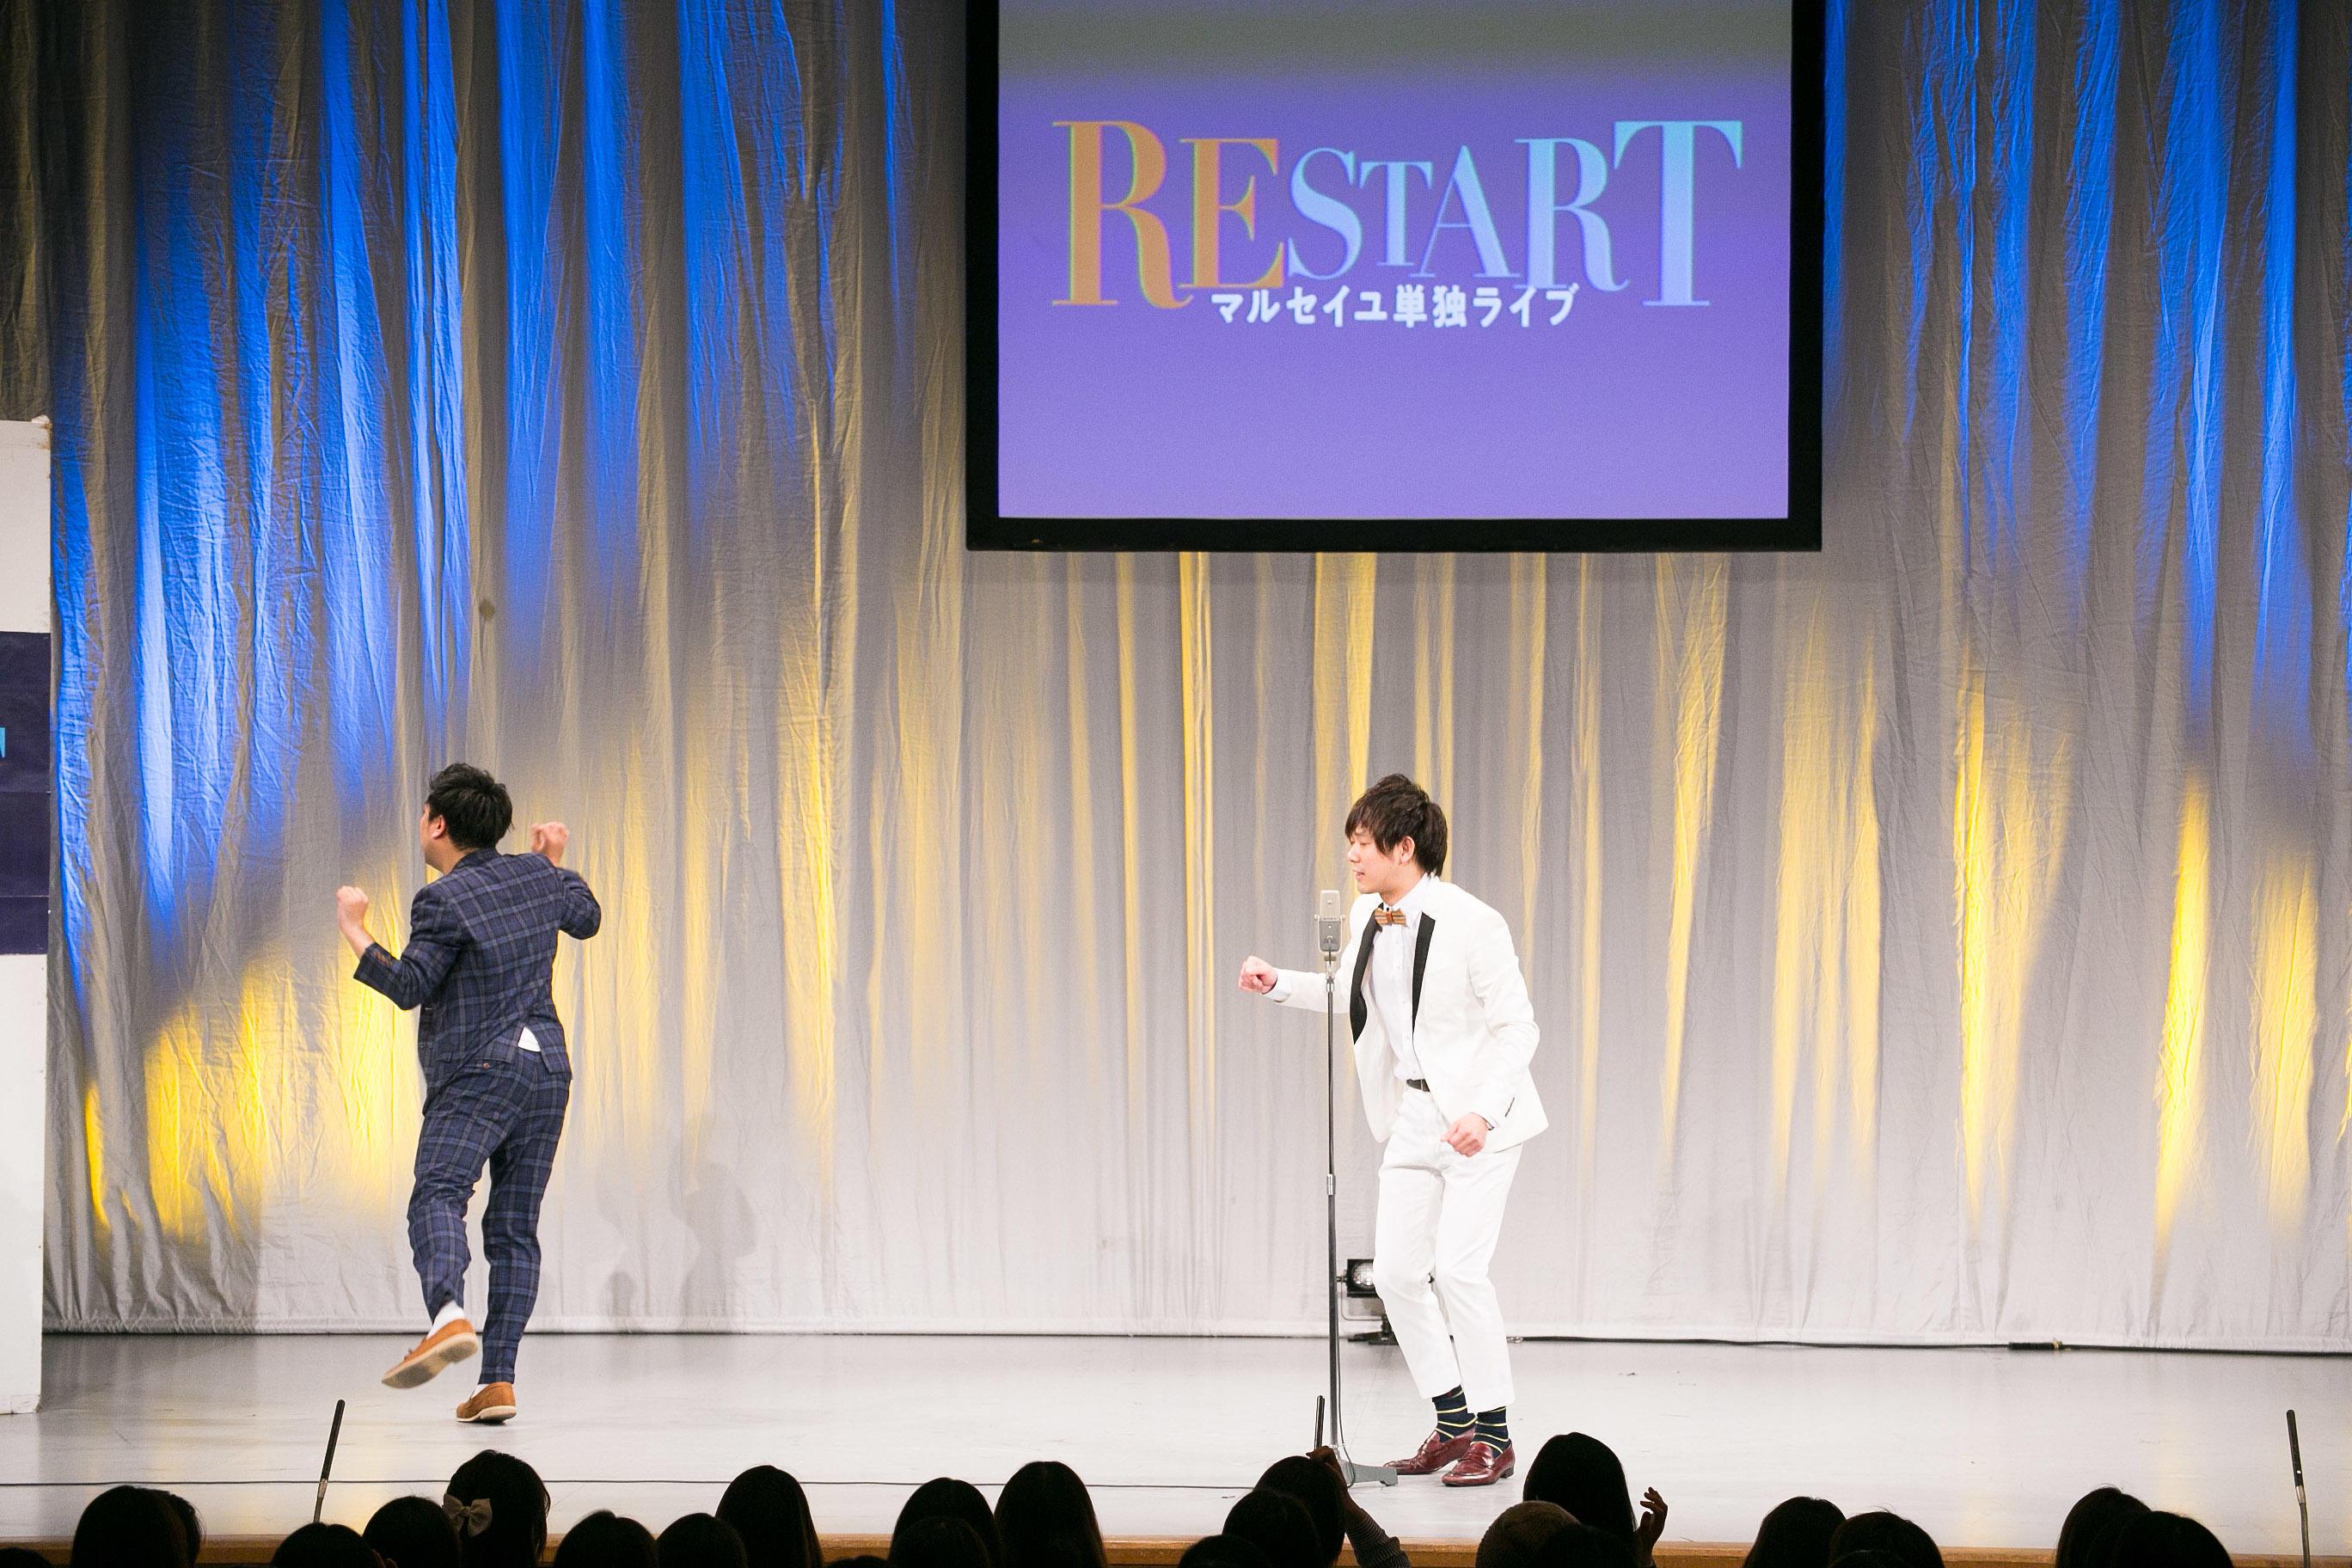 http://news.yoshimoto.co.jp/20180430213835-f1019195bc634b7f65ba931e4e56442d04d54add.jpg